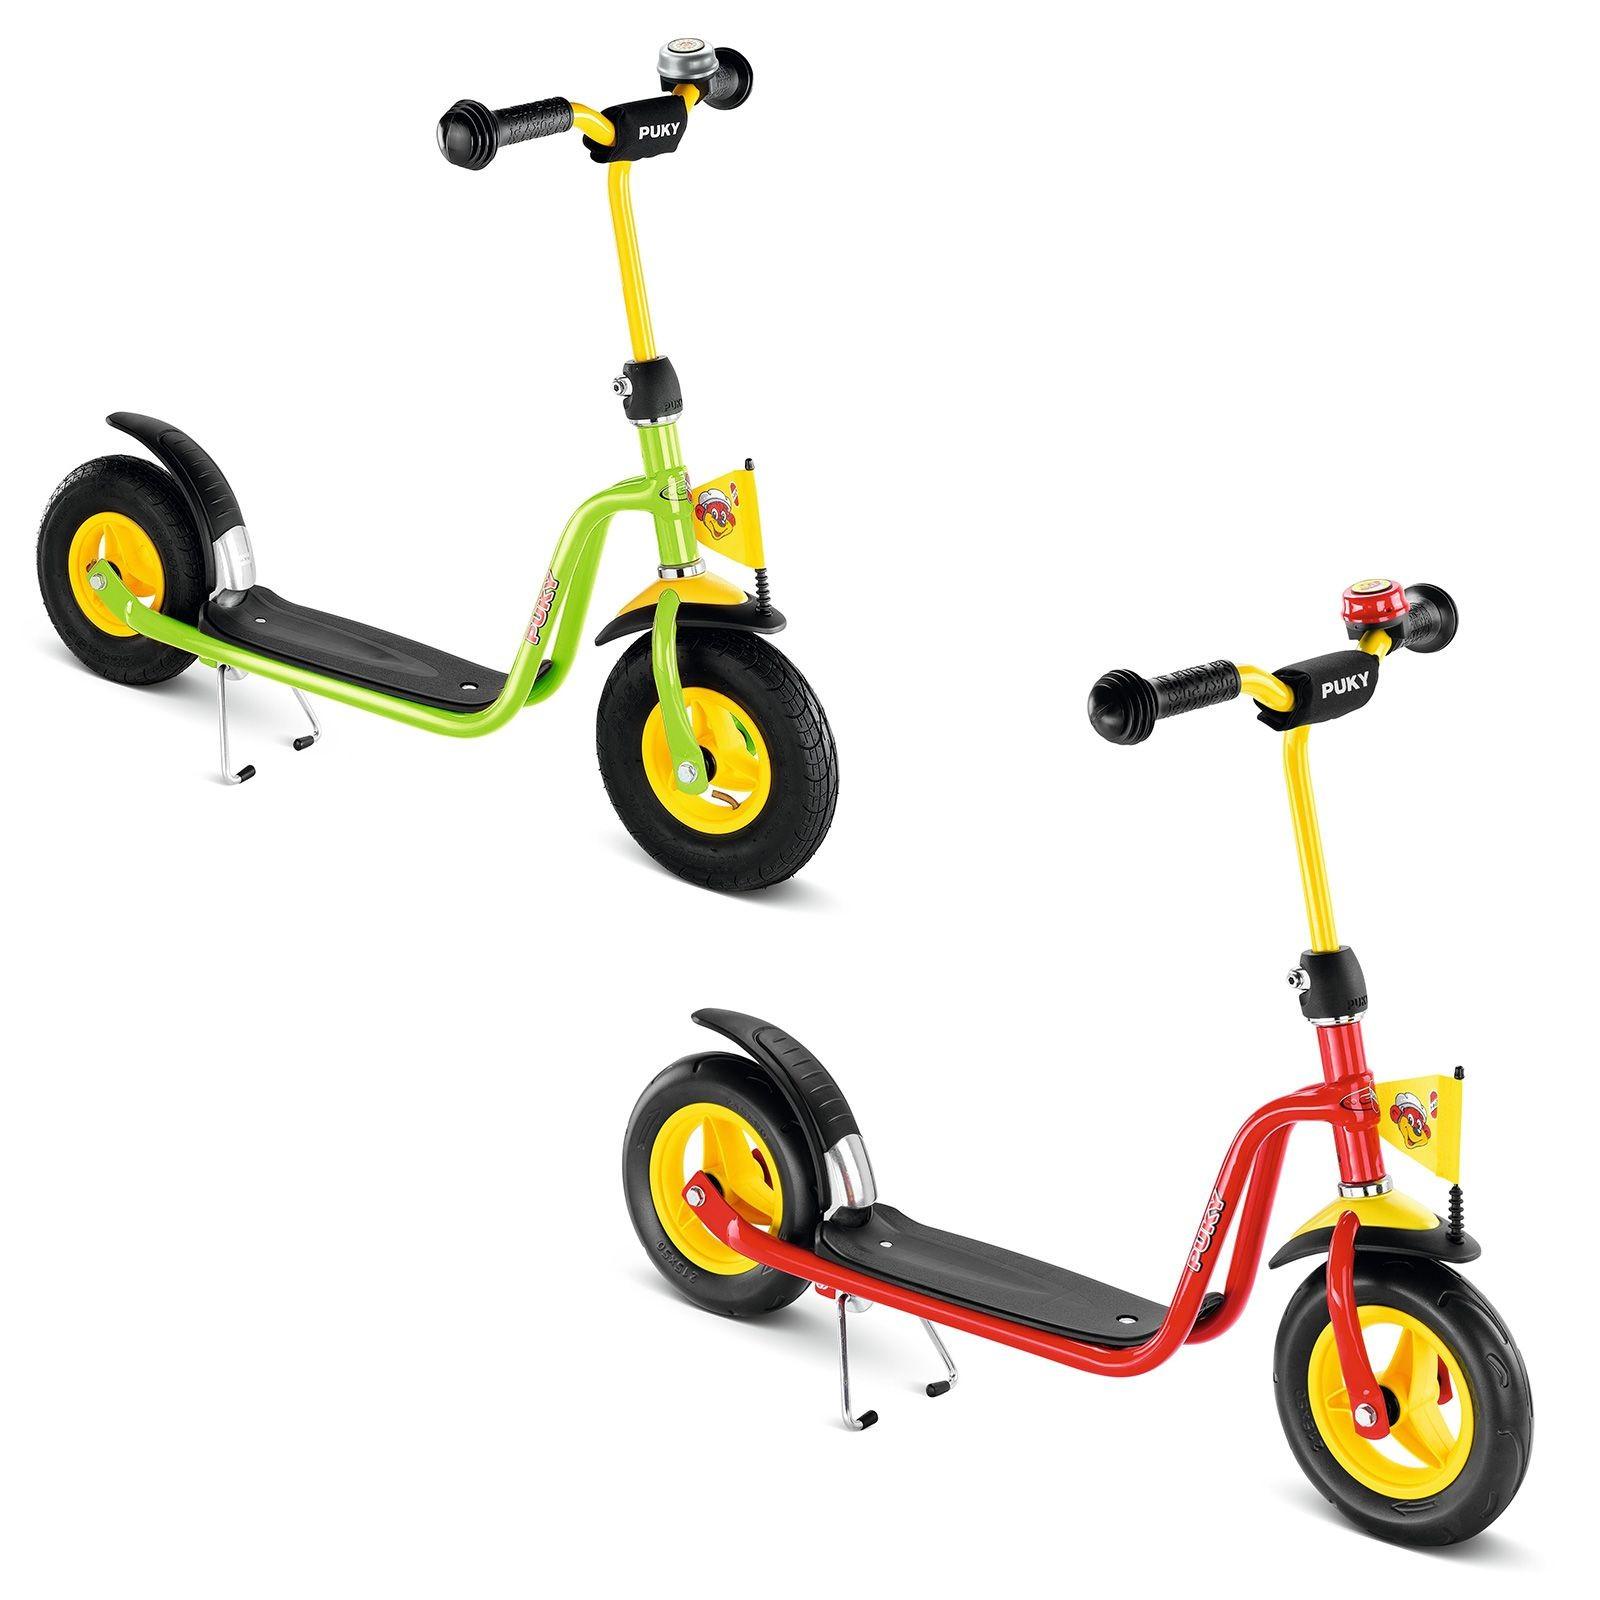 Puky roller r3 l g nstig kaufen sport tiedje for Wohnlandschaft gunstig roller